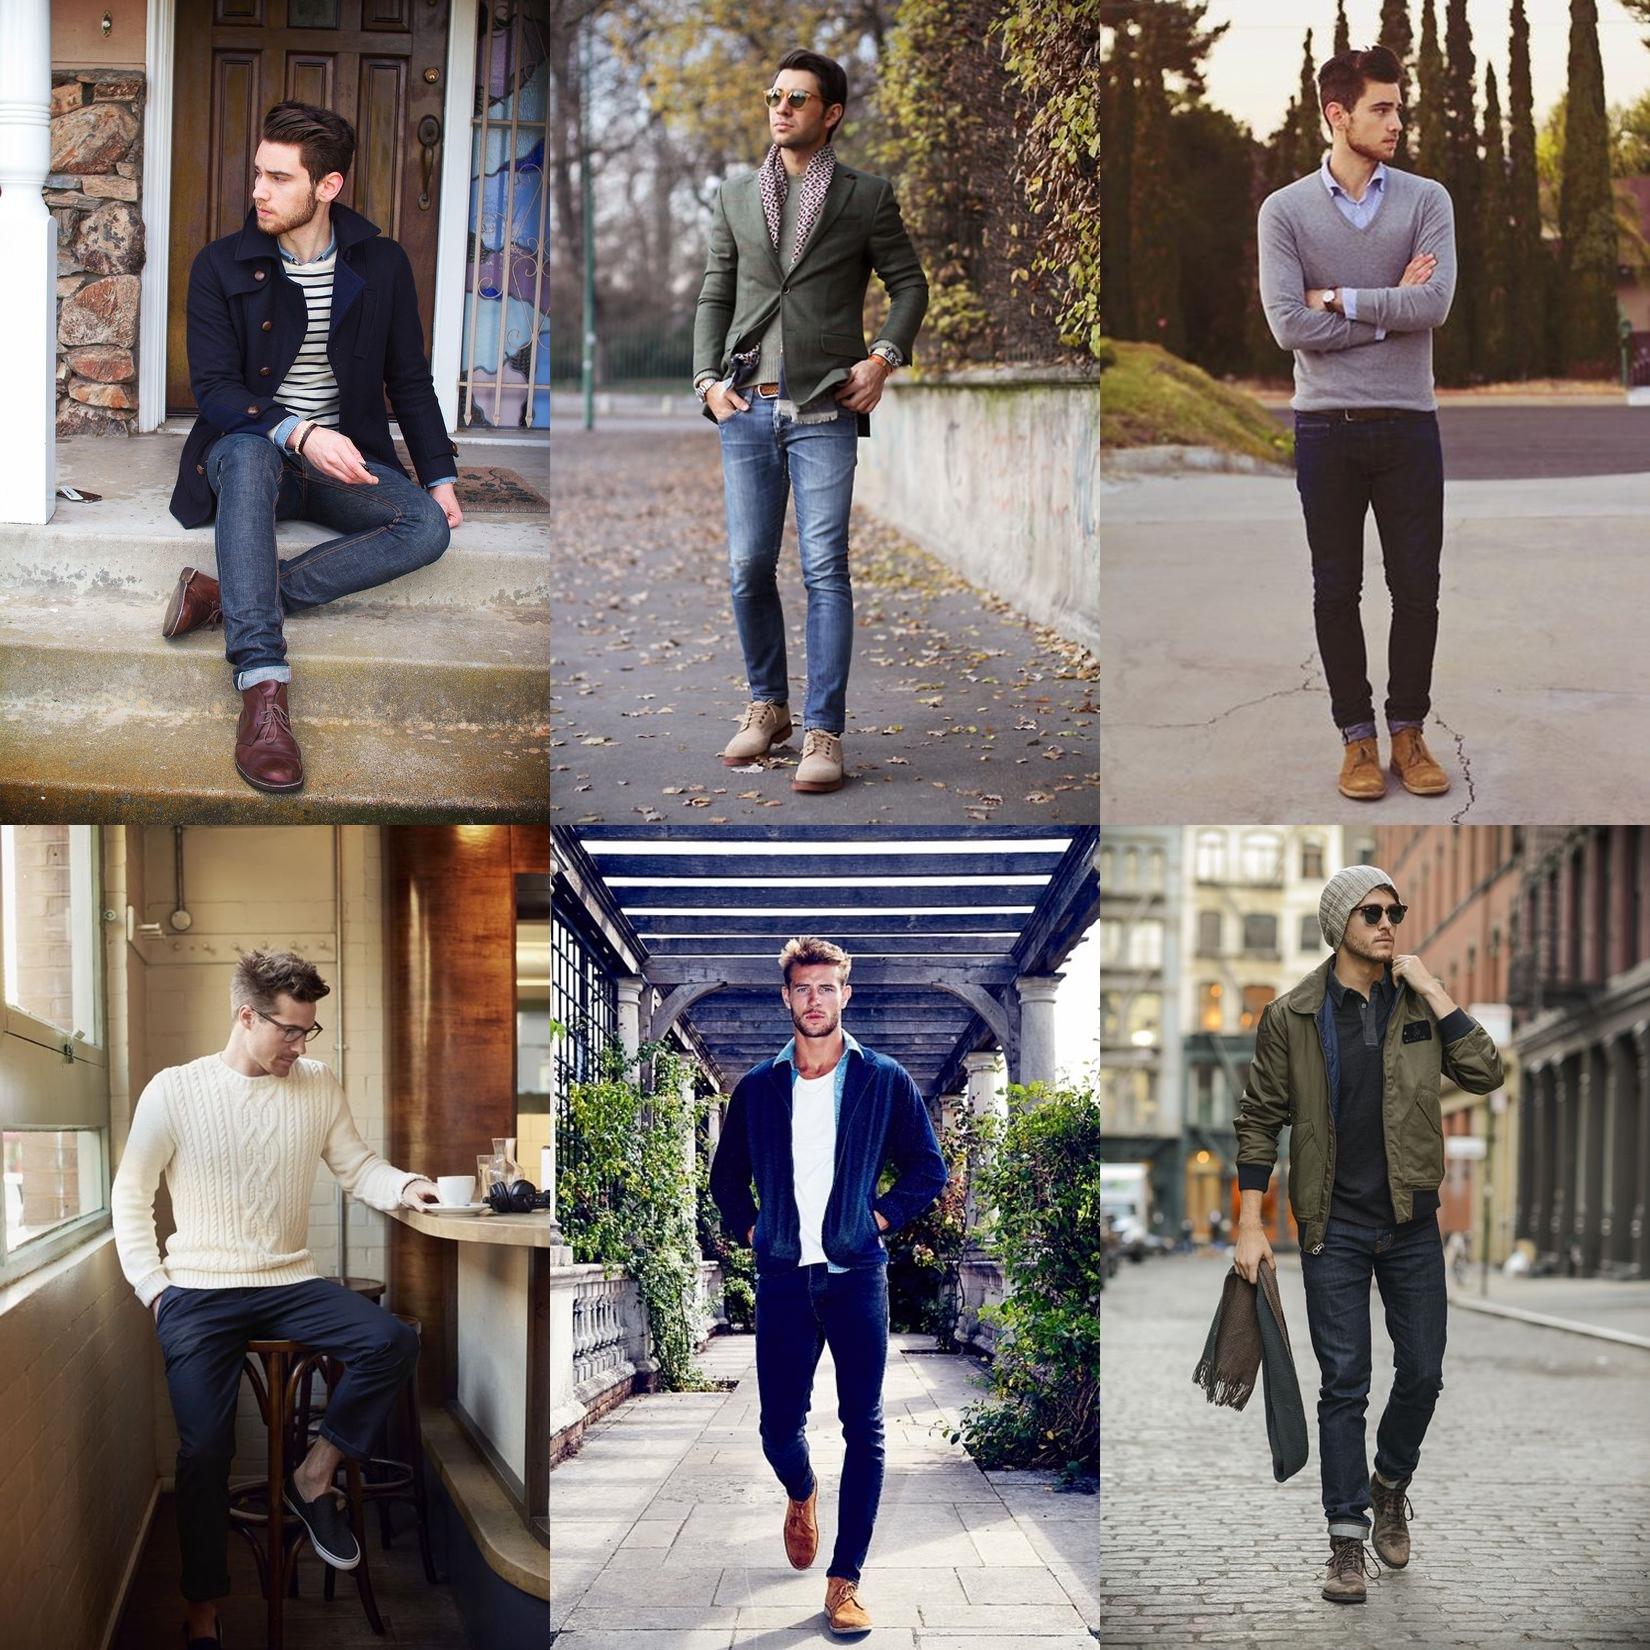 casual chic, como ter estilo, como ser estiloso, moda masculina, dicas de moda, moda sem censura, alex cursino, fashion tips, youtuber, blogger, blog de moda masculina, 3